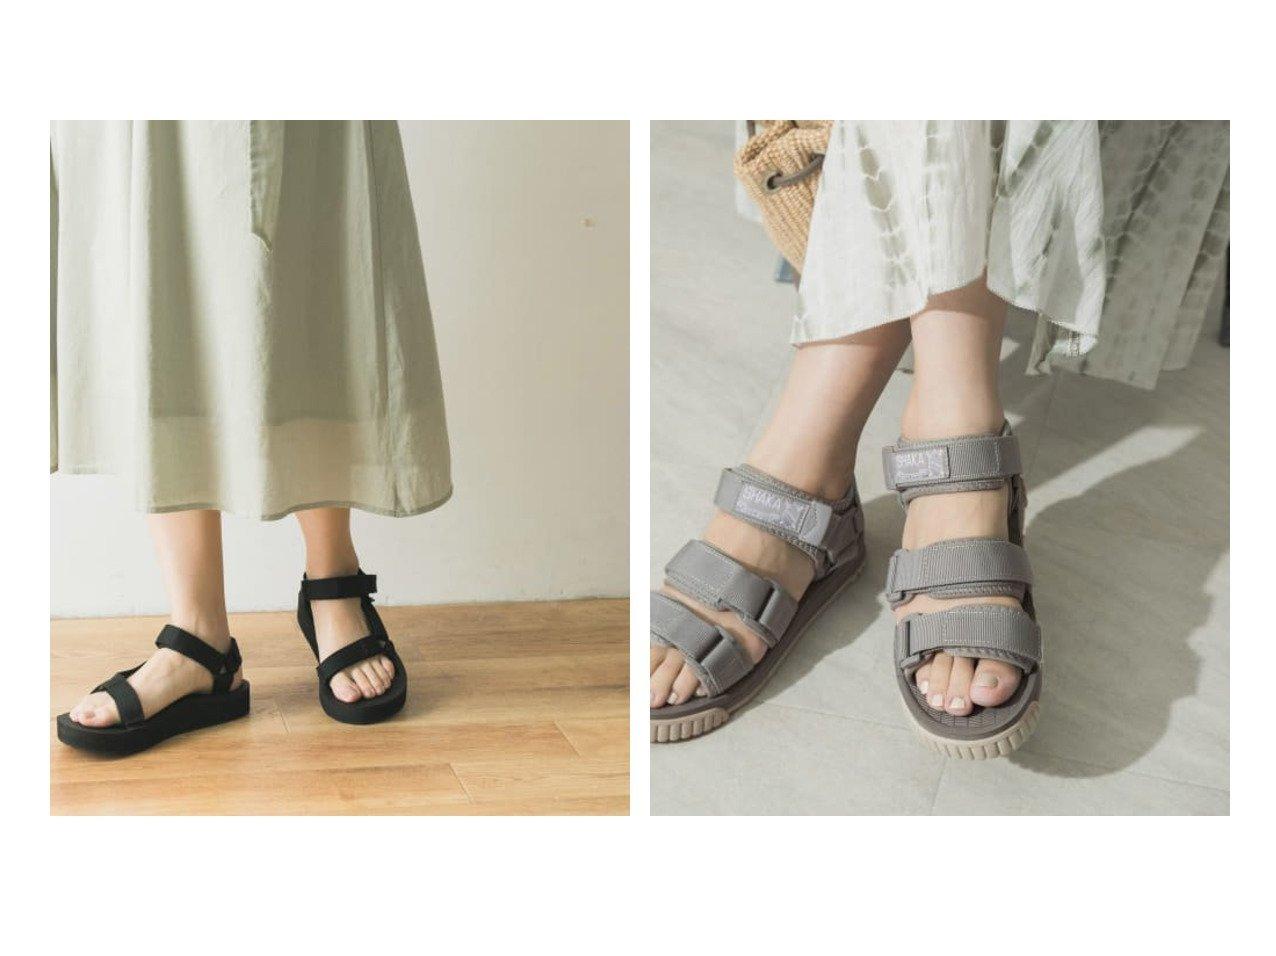 【URBAN RESEARCH/アーバンリサーチ】のSHAKA NEO BUNGY&Teva MIDFORM UNIVERSAL シューズ・靴のおすすめ!人気、トレンド・レディースファッションの通販 おすすめで人気の流行・トレンド、ファッションの通販商品 メンズファッション・キッズファッション・インテリア・家具・レディースファッション・服の通販 founy(ファニー) https://founy.com/ ファッション Fashion レディースファッション WOMEN コレクション サンダル シューズ スポーツ ビーチ ラップ クッション モチーフ |ID:crp329100000023328